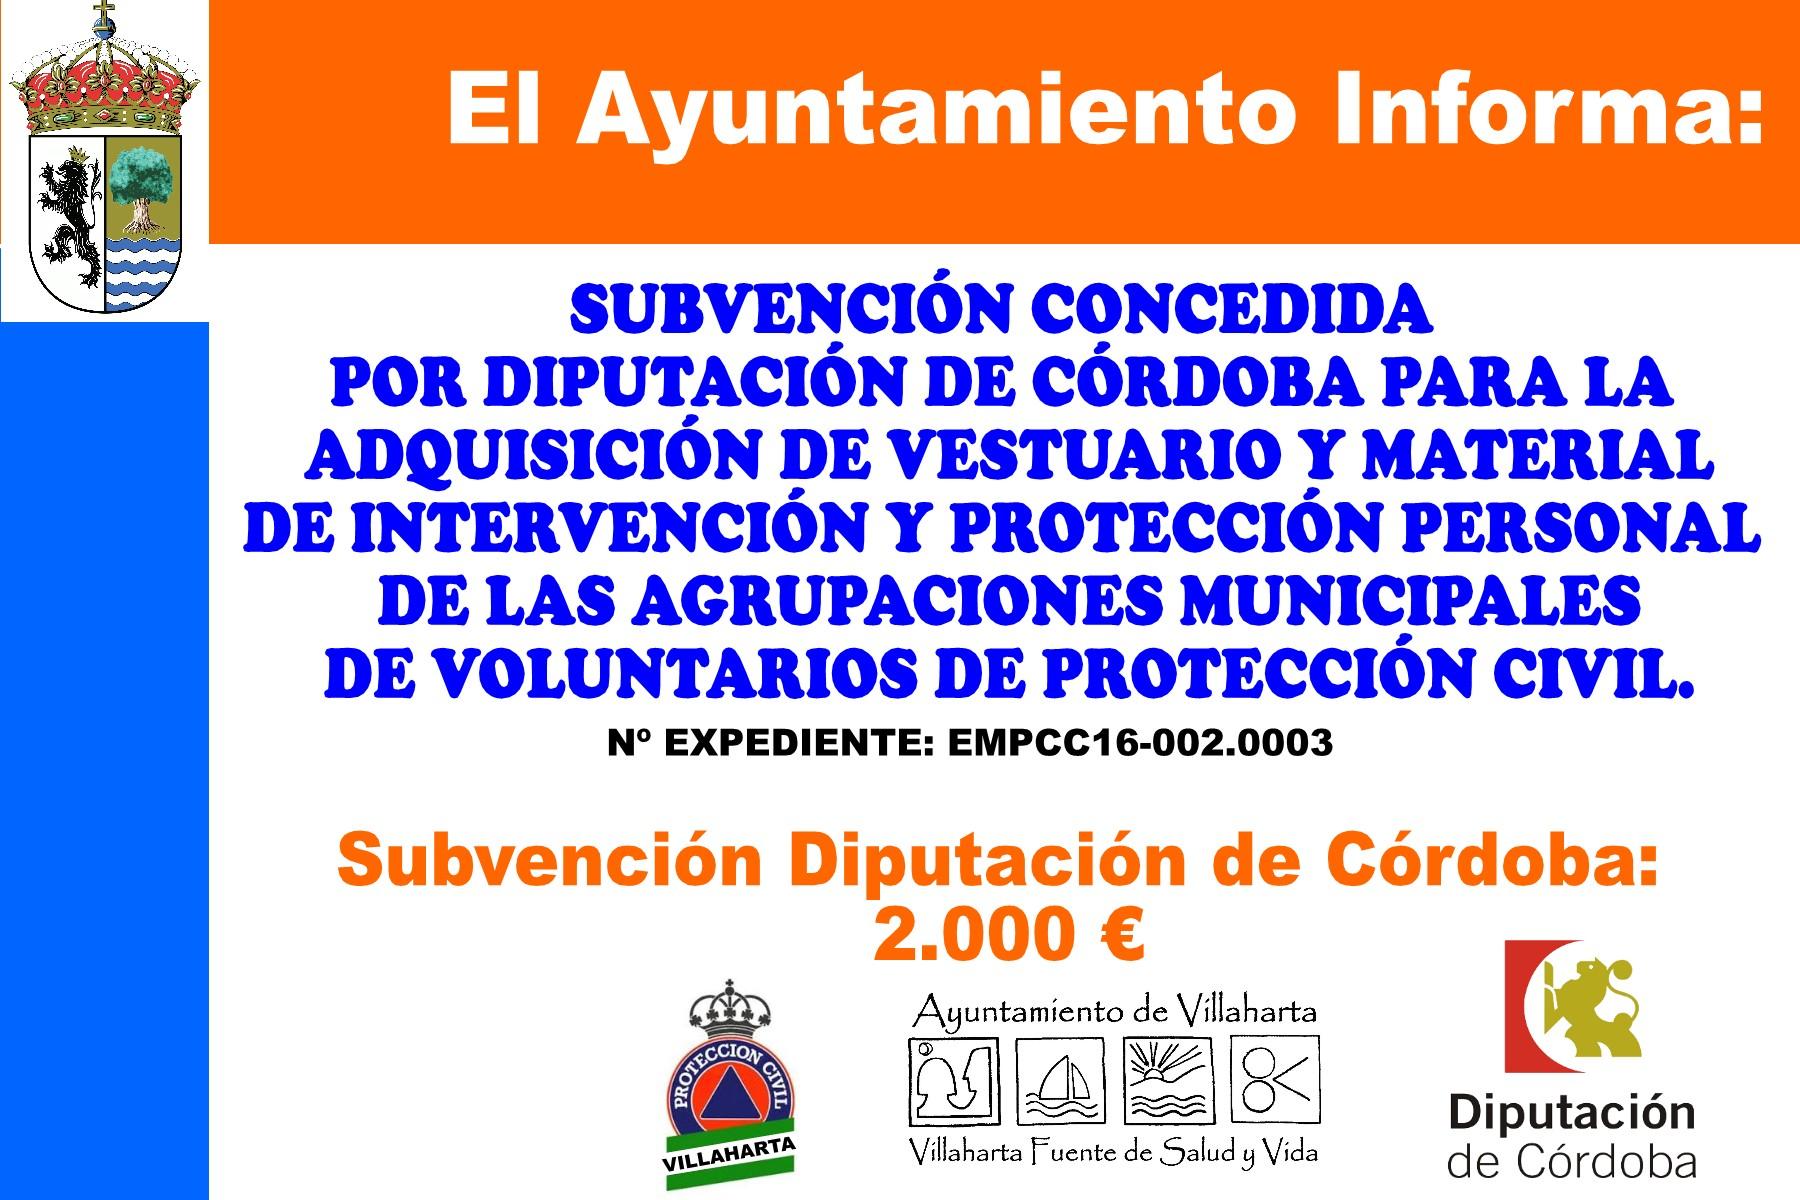 SUBVENCIONES RECIBIDAS. 2016 2